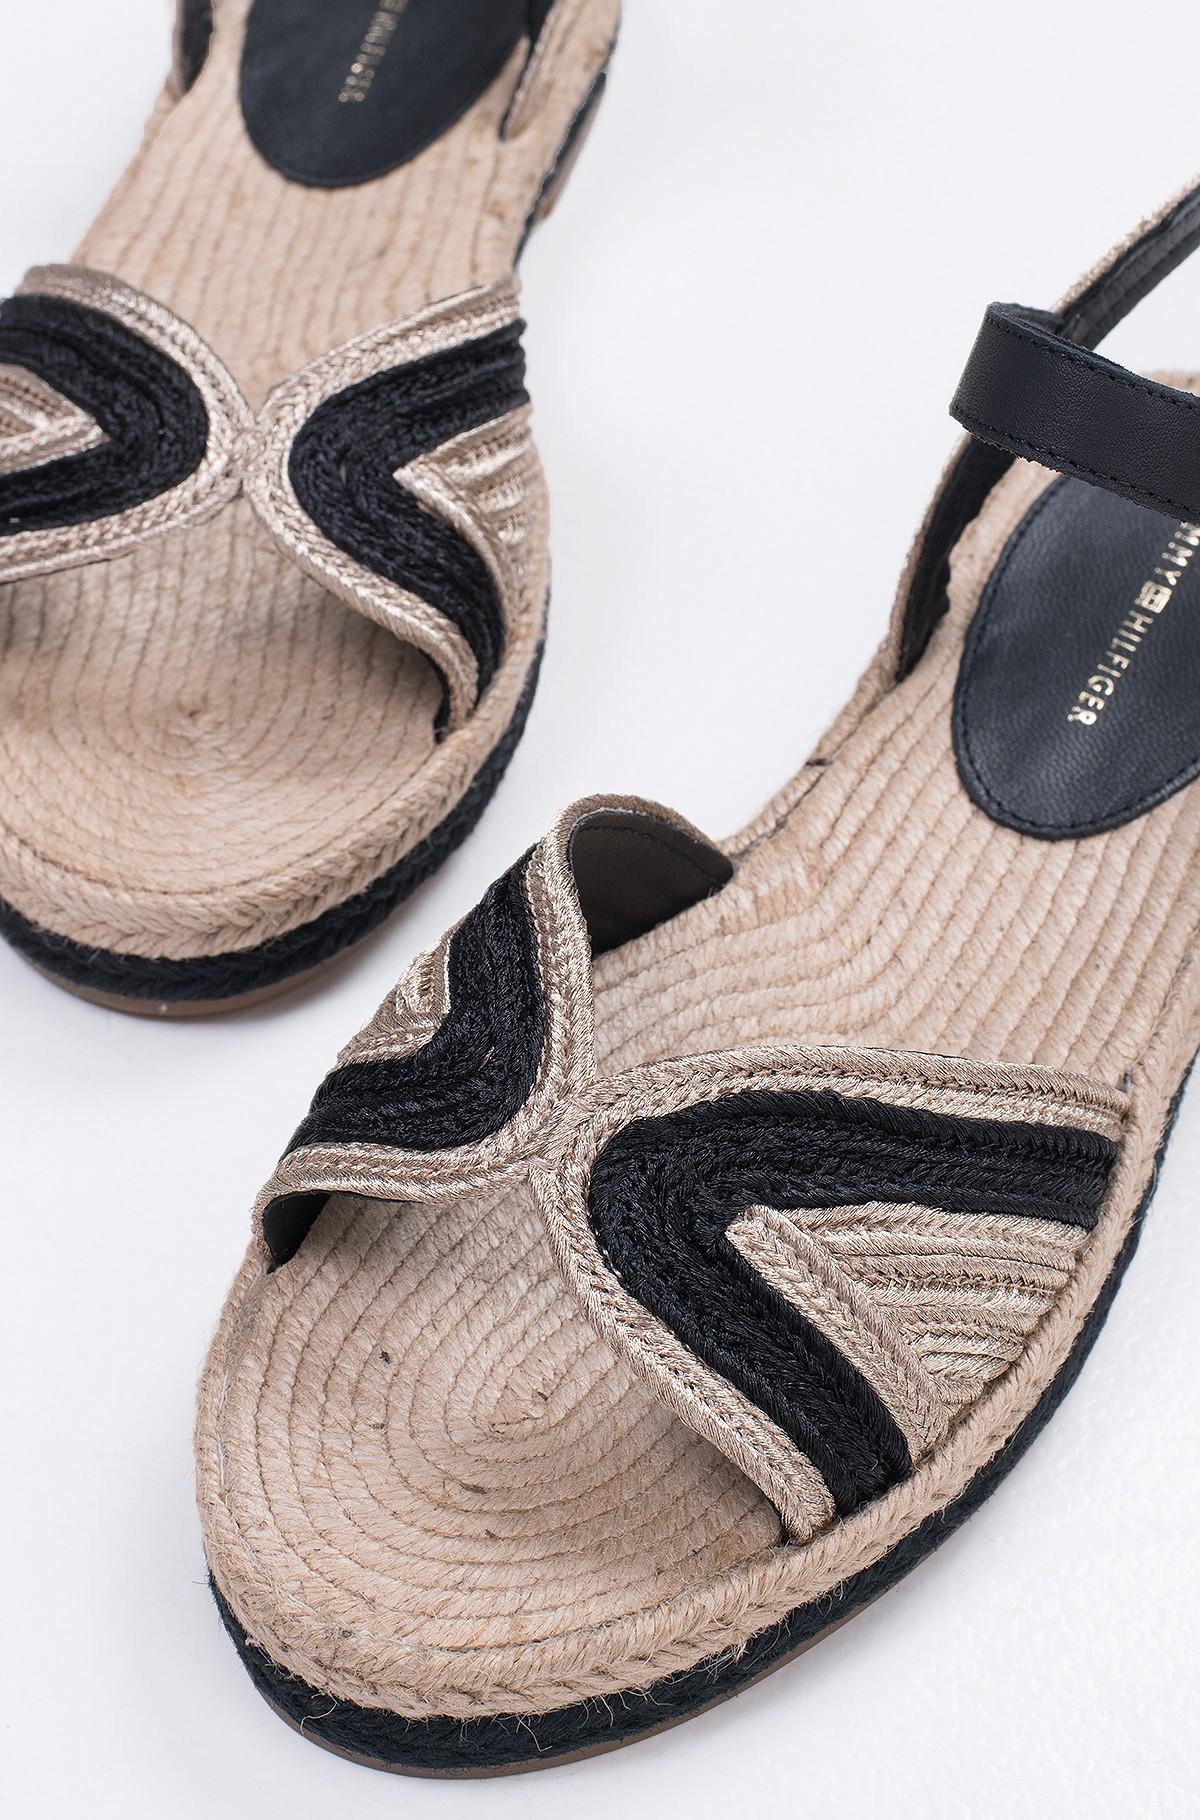 Sandals TH ARTISANAL FLAT SANDAL-full-2